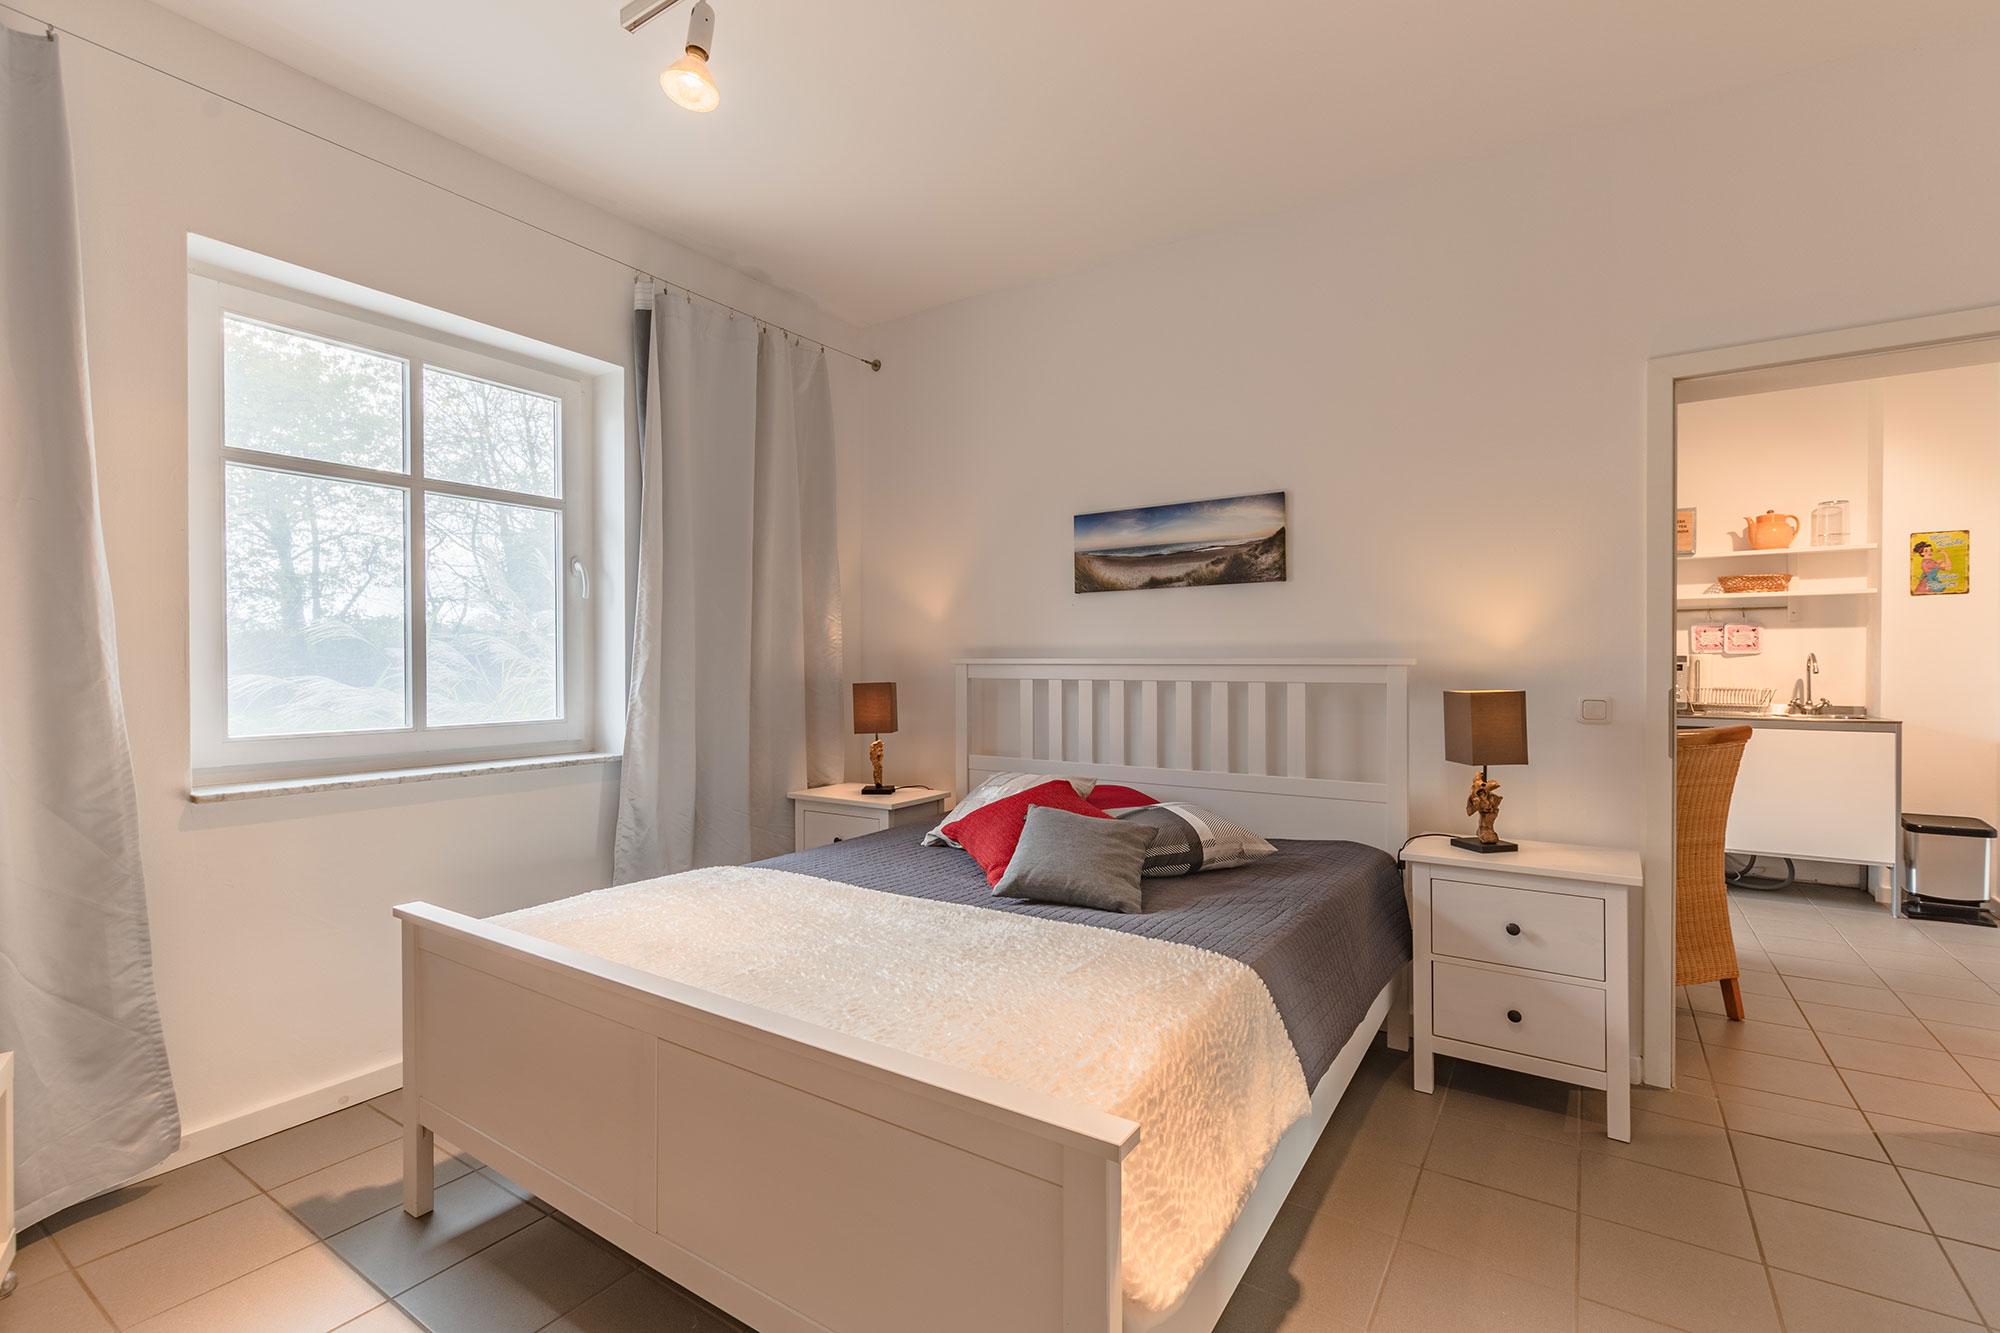 Ferienwohnung-Appartement Werbefotografie -Wir fotografieren Ihre Immobilien, Ferienwohnungen, Innenaufnahmen(c) Gabriele Hofer TEXTAG GROUP